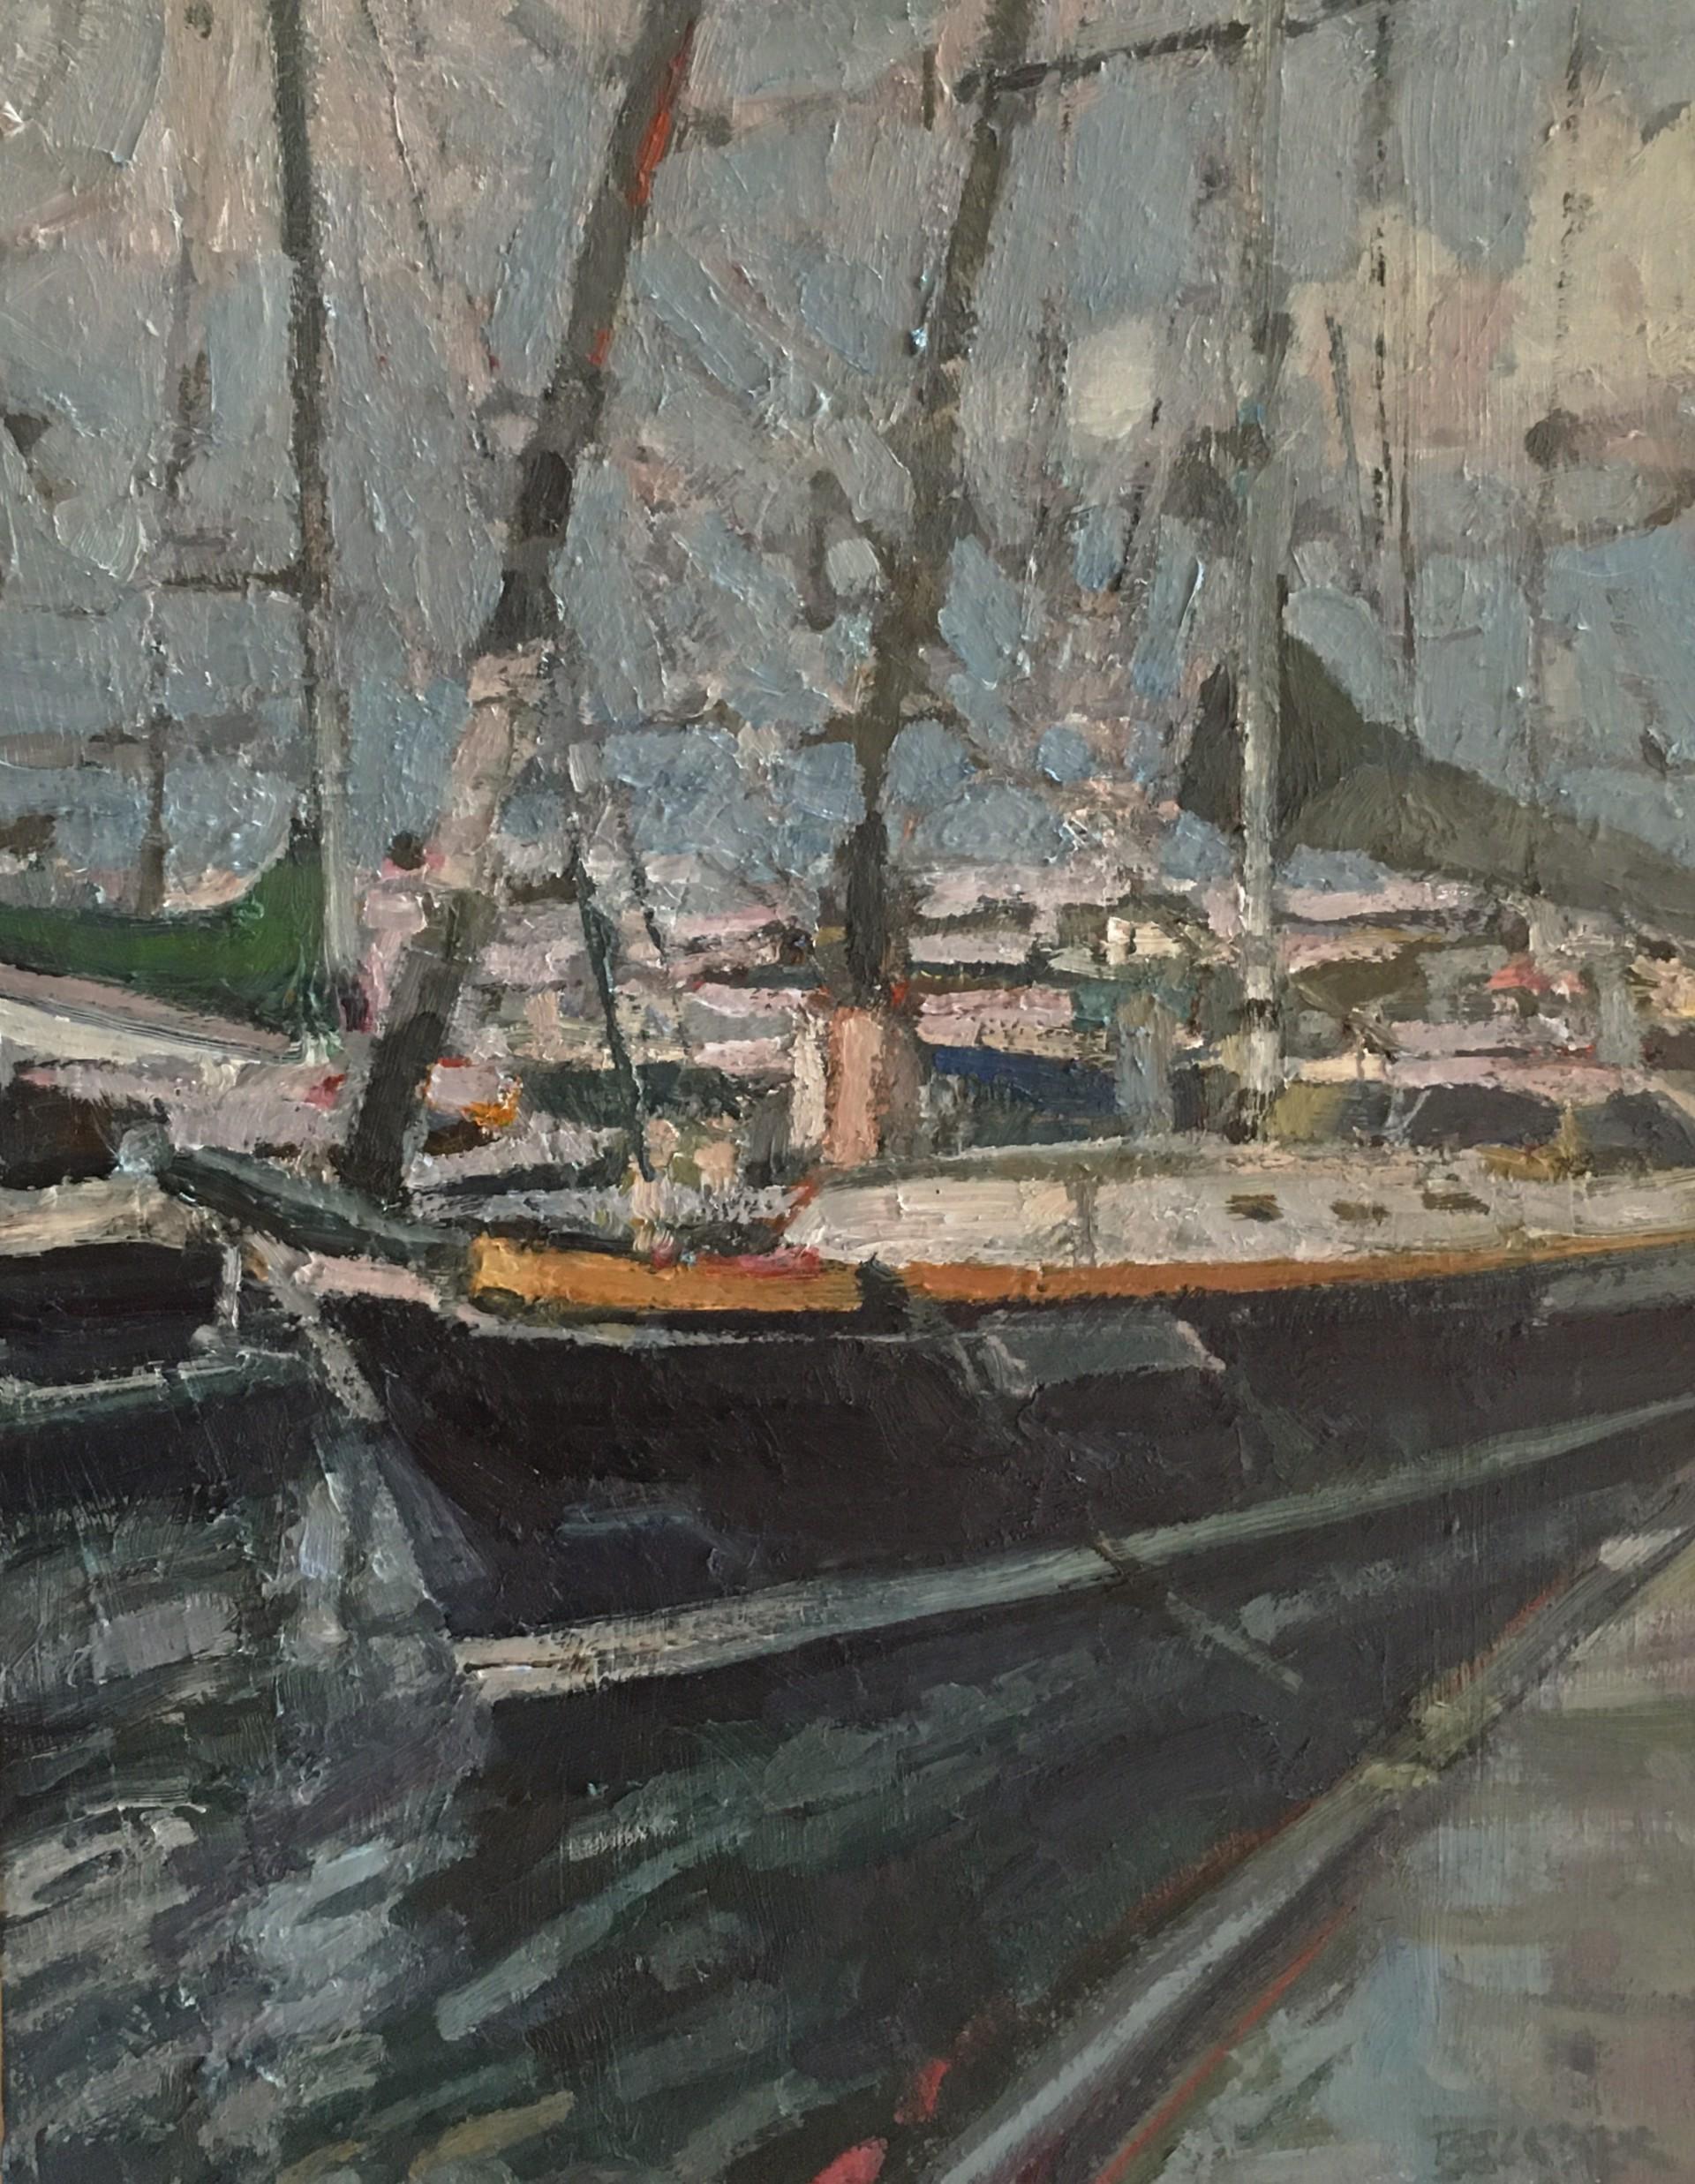 Dock by Jim Beckner